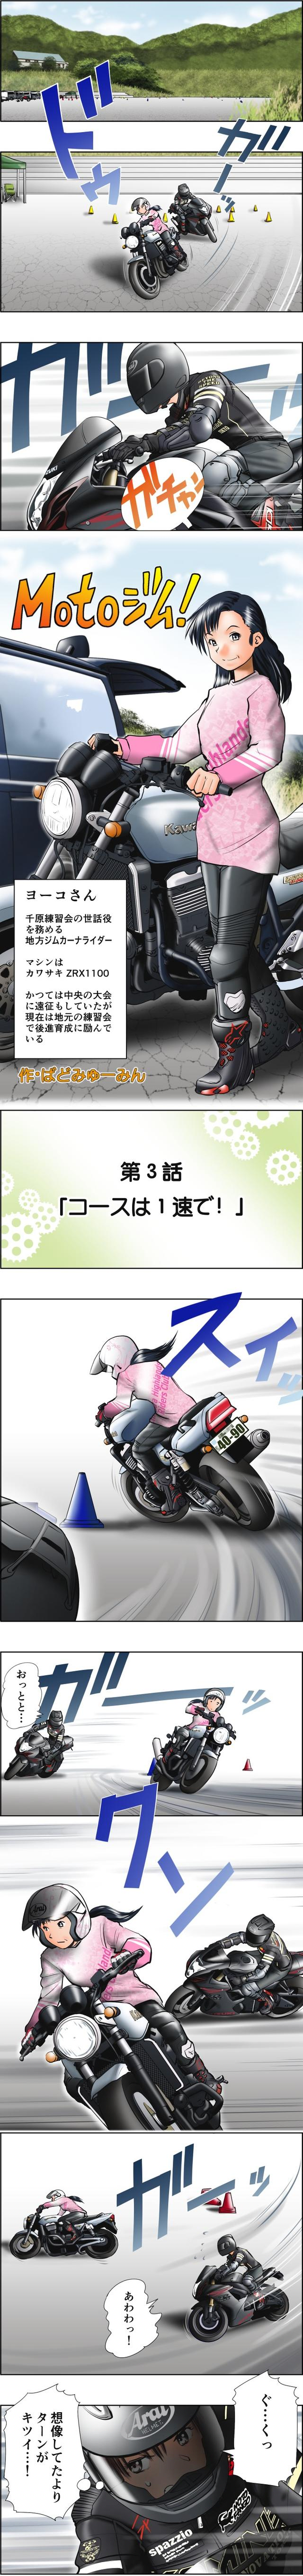 画像1: Motoジム!(第3話:コースは1速で!)  作・ばどみゅーみん